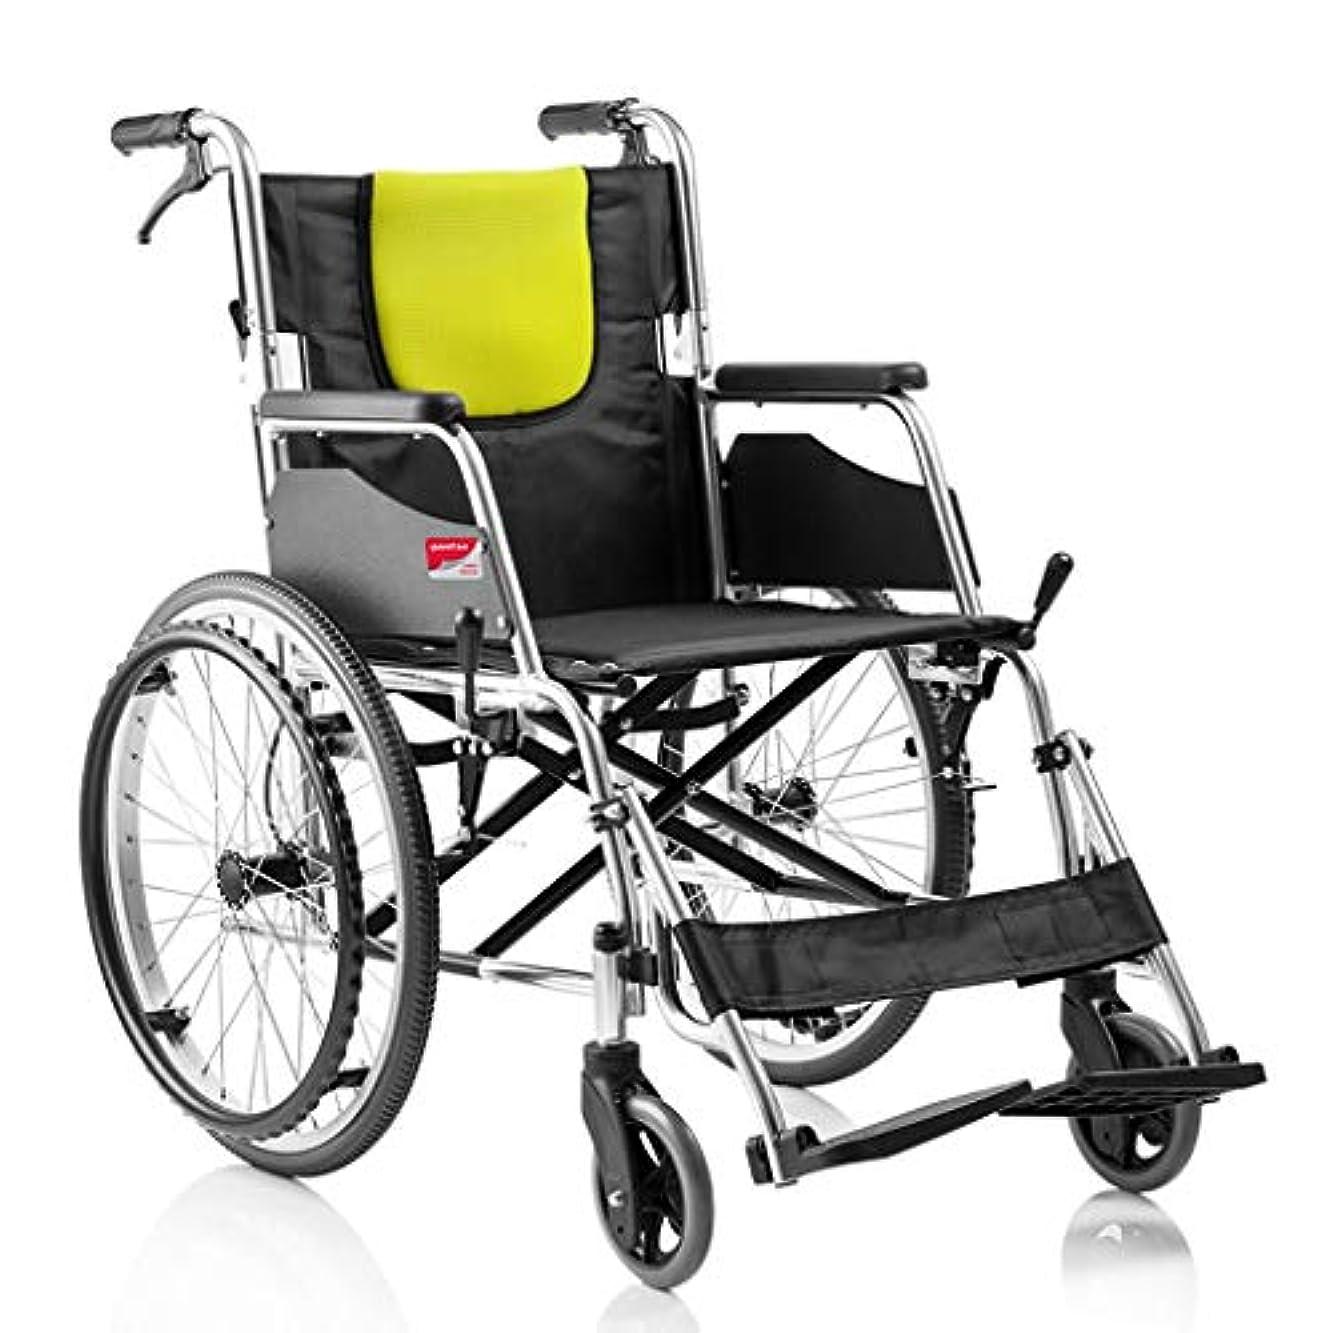 悔い改め多年生戦う車椅子折りたたみ式、手動車椅子無料インフレータブルダブルブレーキデザイン、老人の手押し車椅子